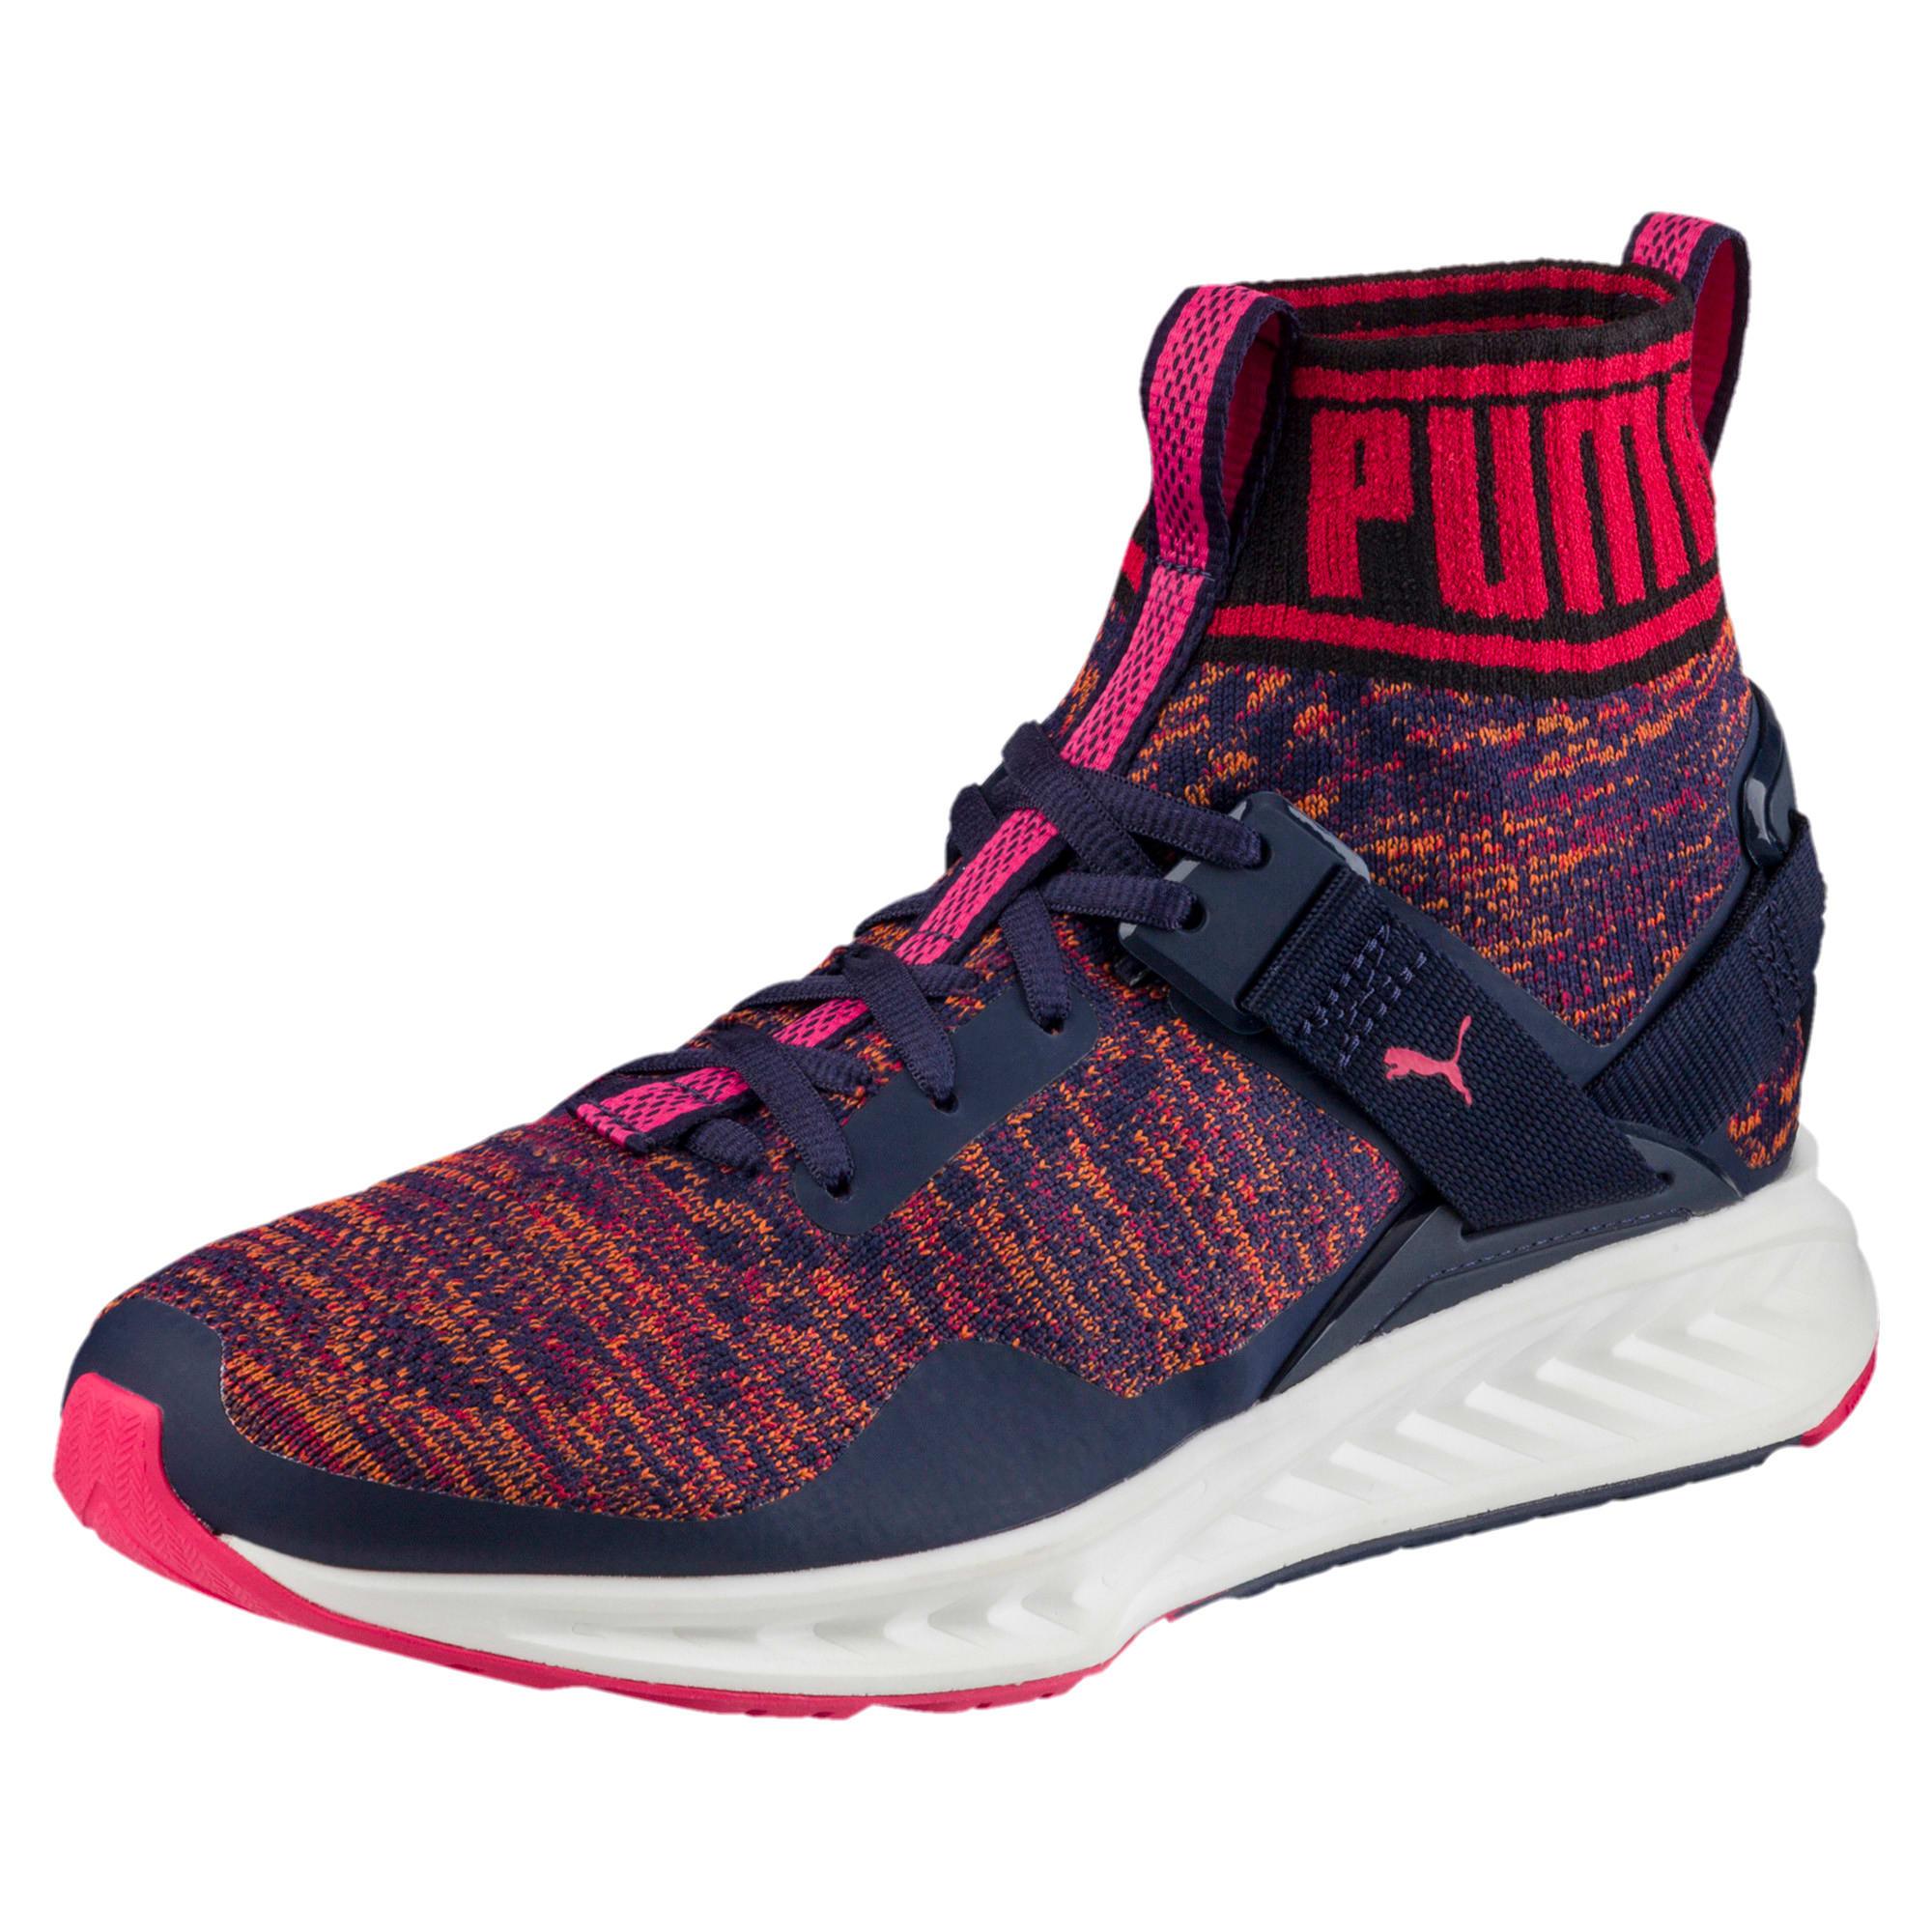 quality design 6630e adff8 IGNITE evoKNIT Women's Training Shoes